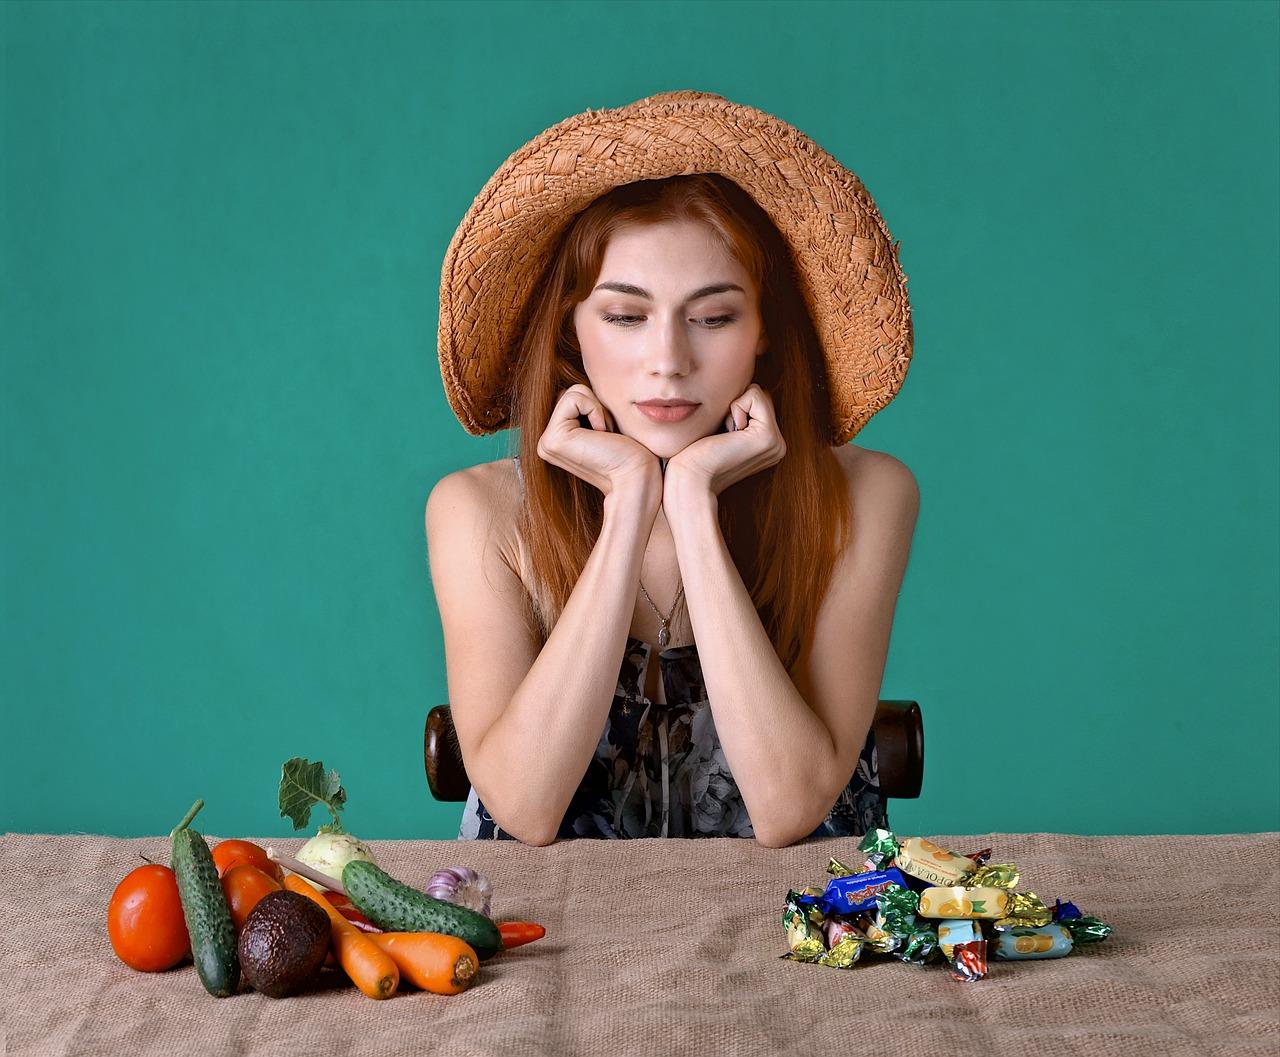 Błędy żywieniowe. Jak powinna wyglądać prawidłowa dieta?